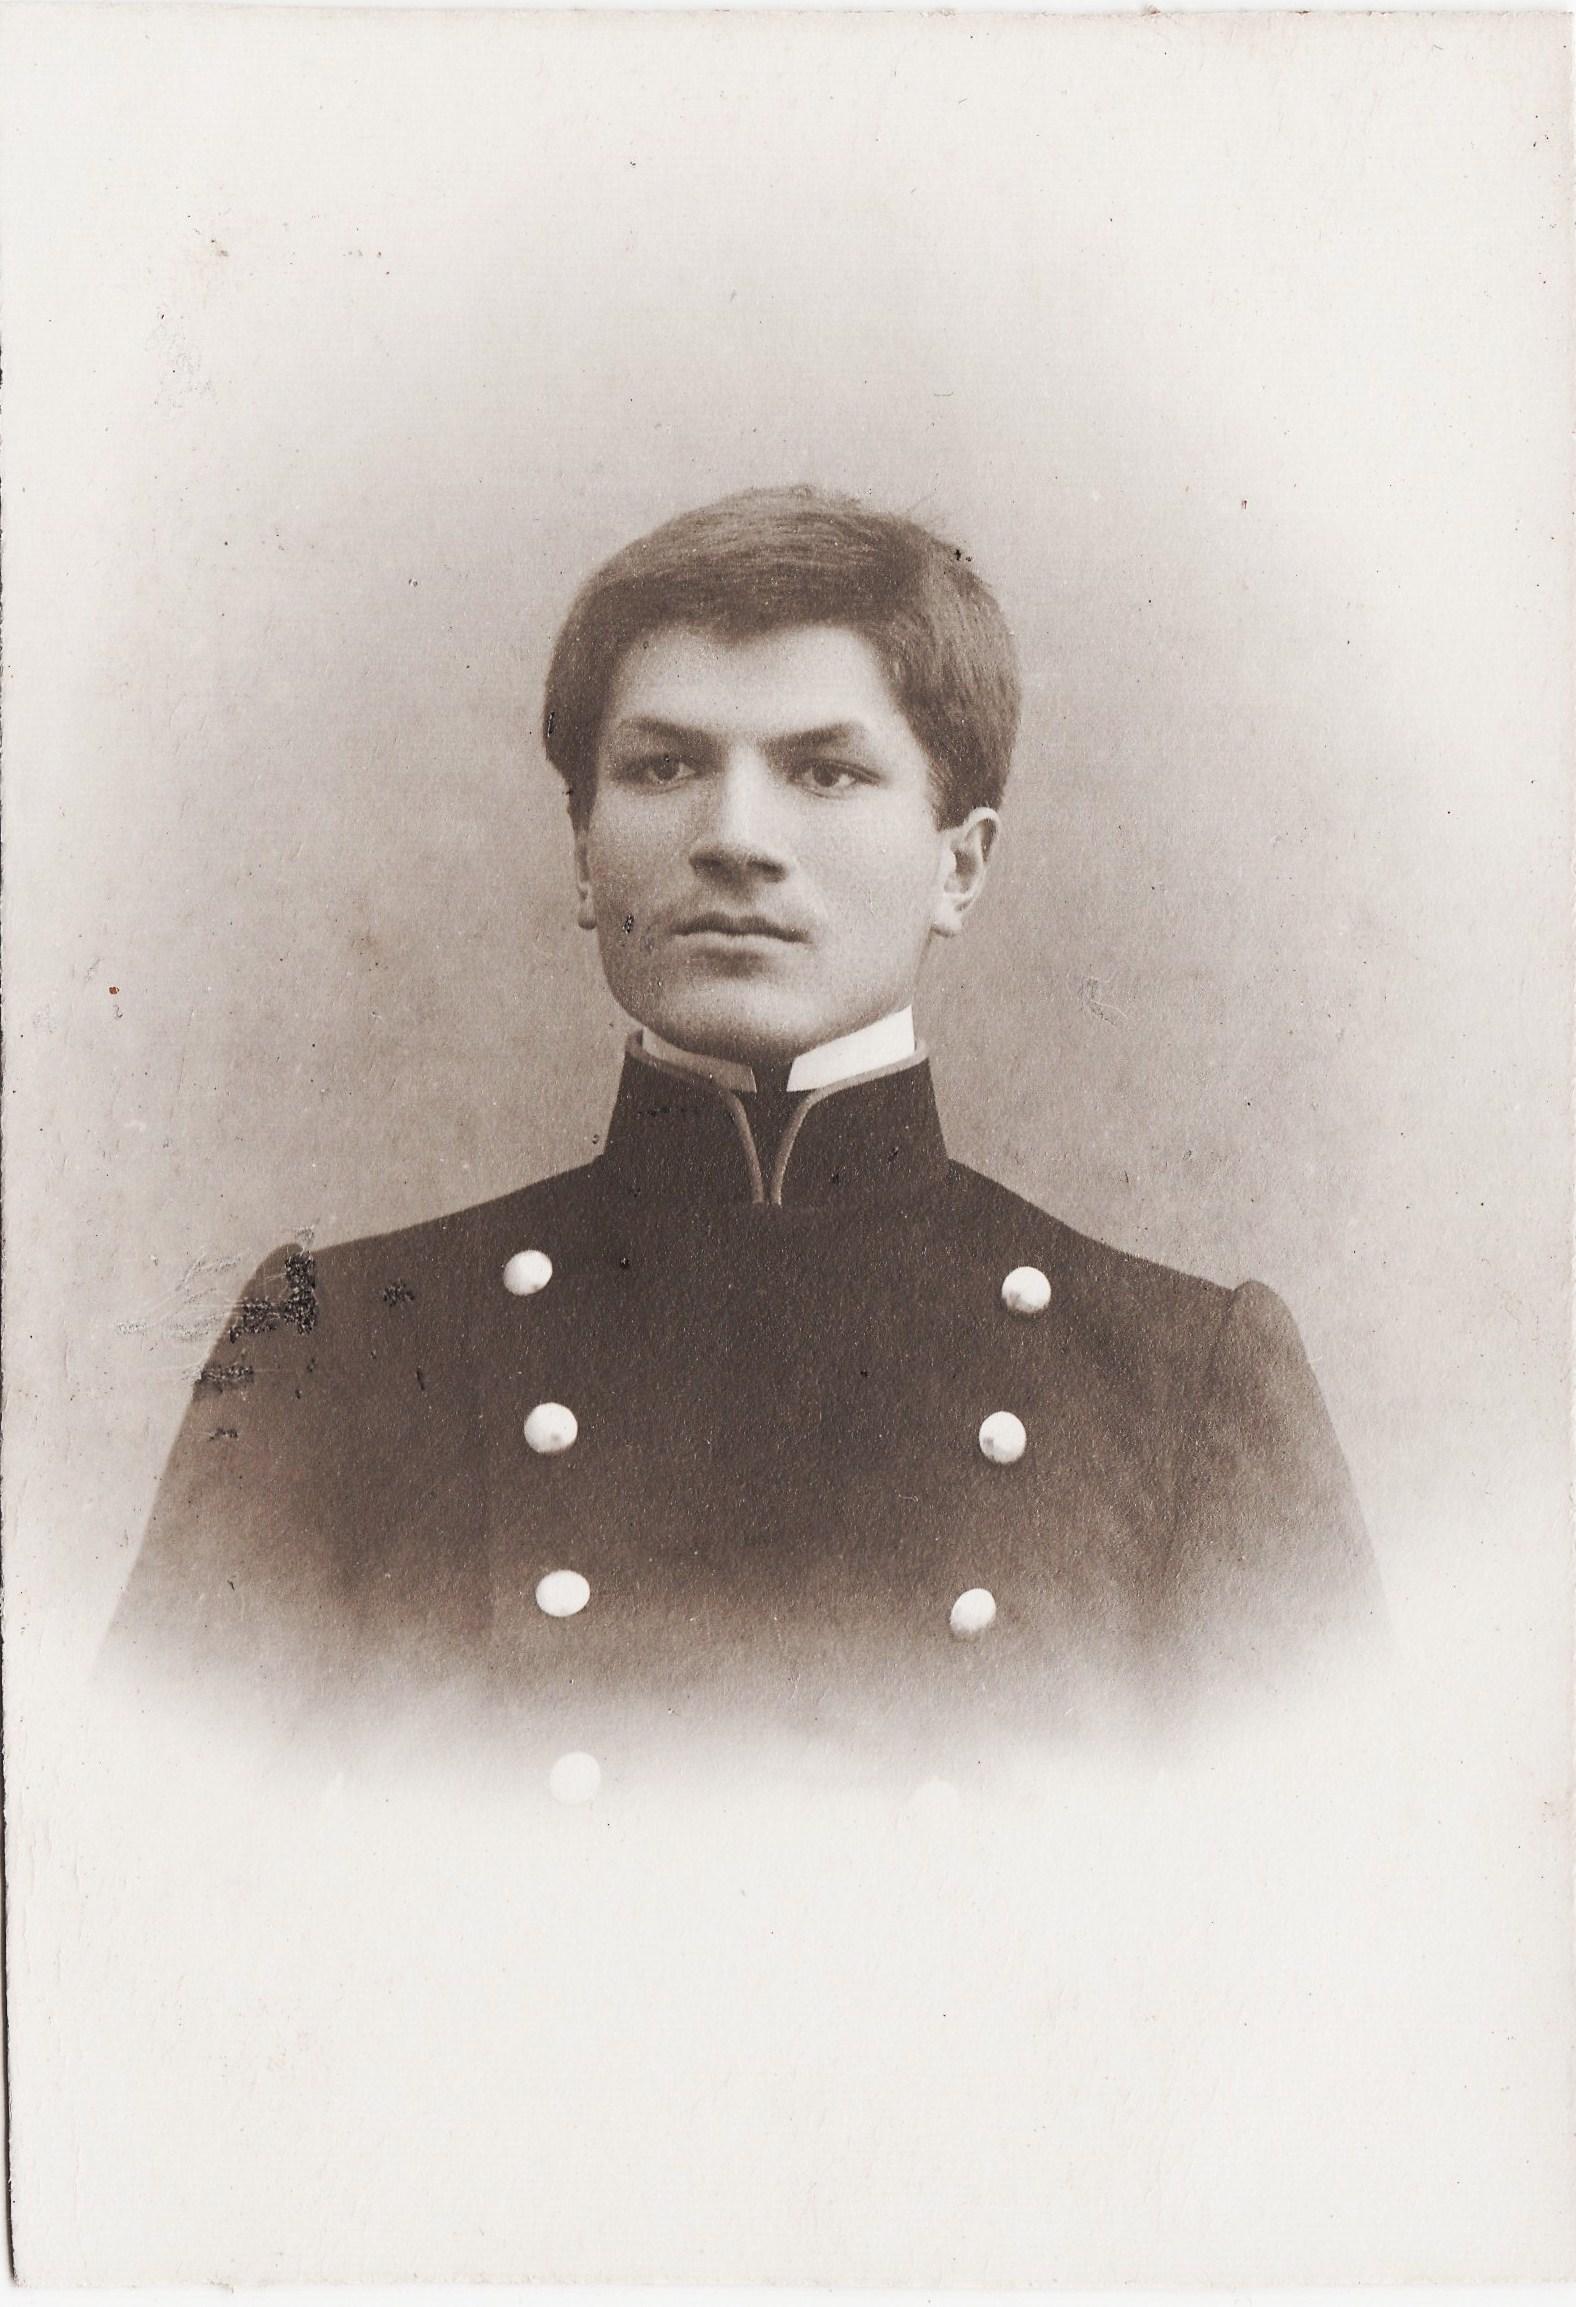 Студент Покровский Дмитрий. II отделение 2 разряд